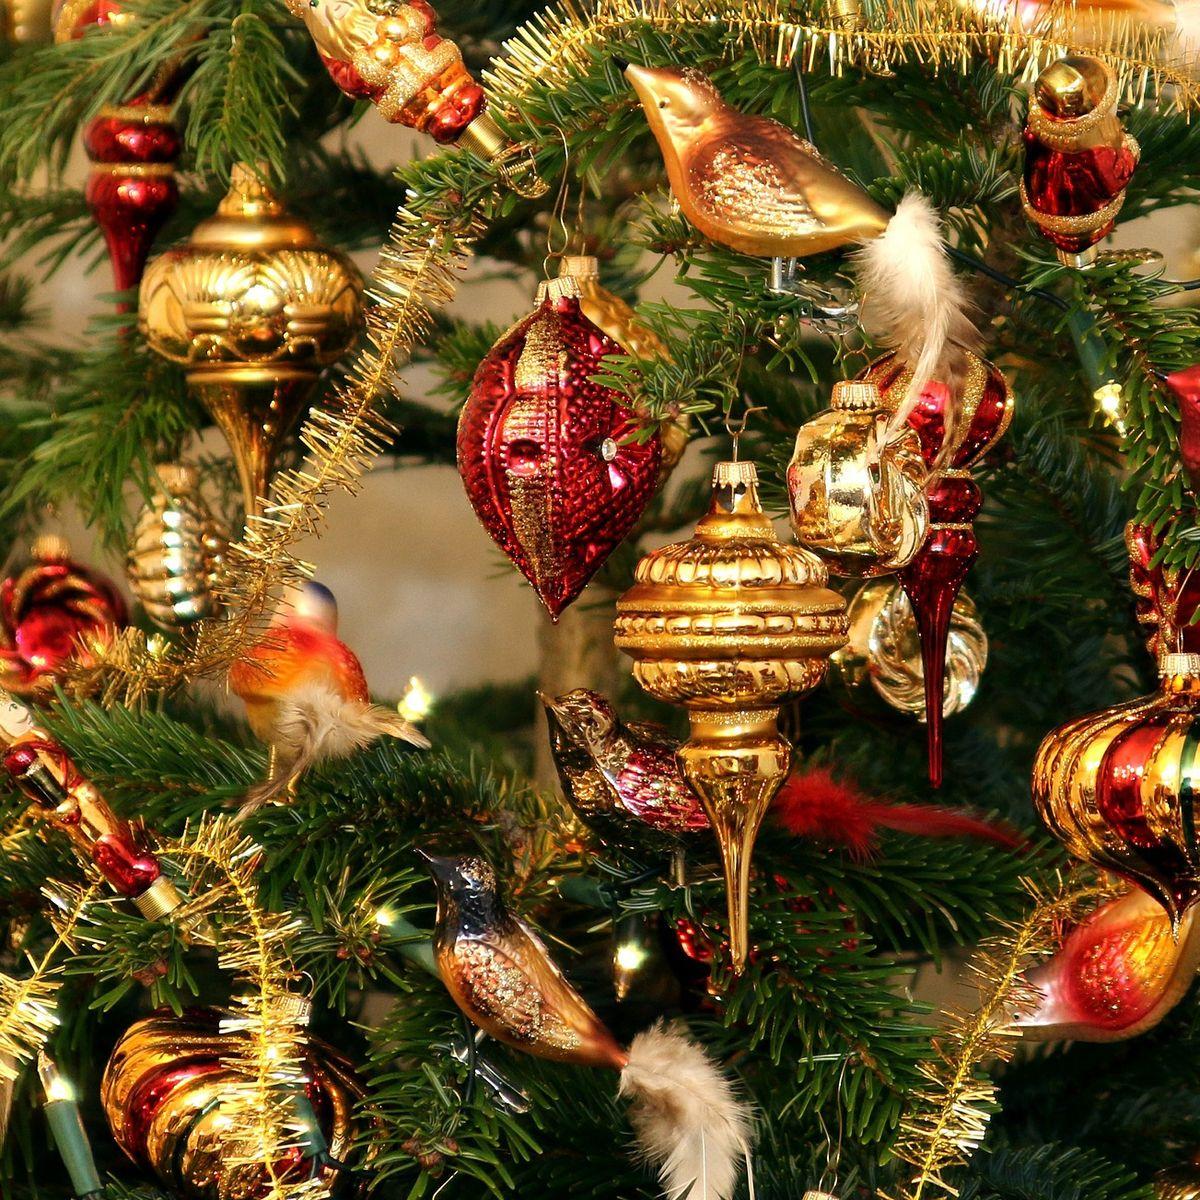 Deutscher Weihnachtsbaum.11 Fakten Und Anekdoten Zum Weihnachtsbaum Baumpflegeportal